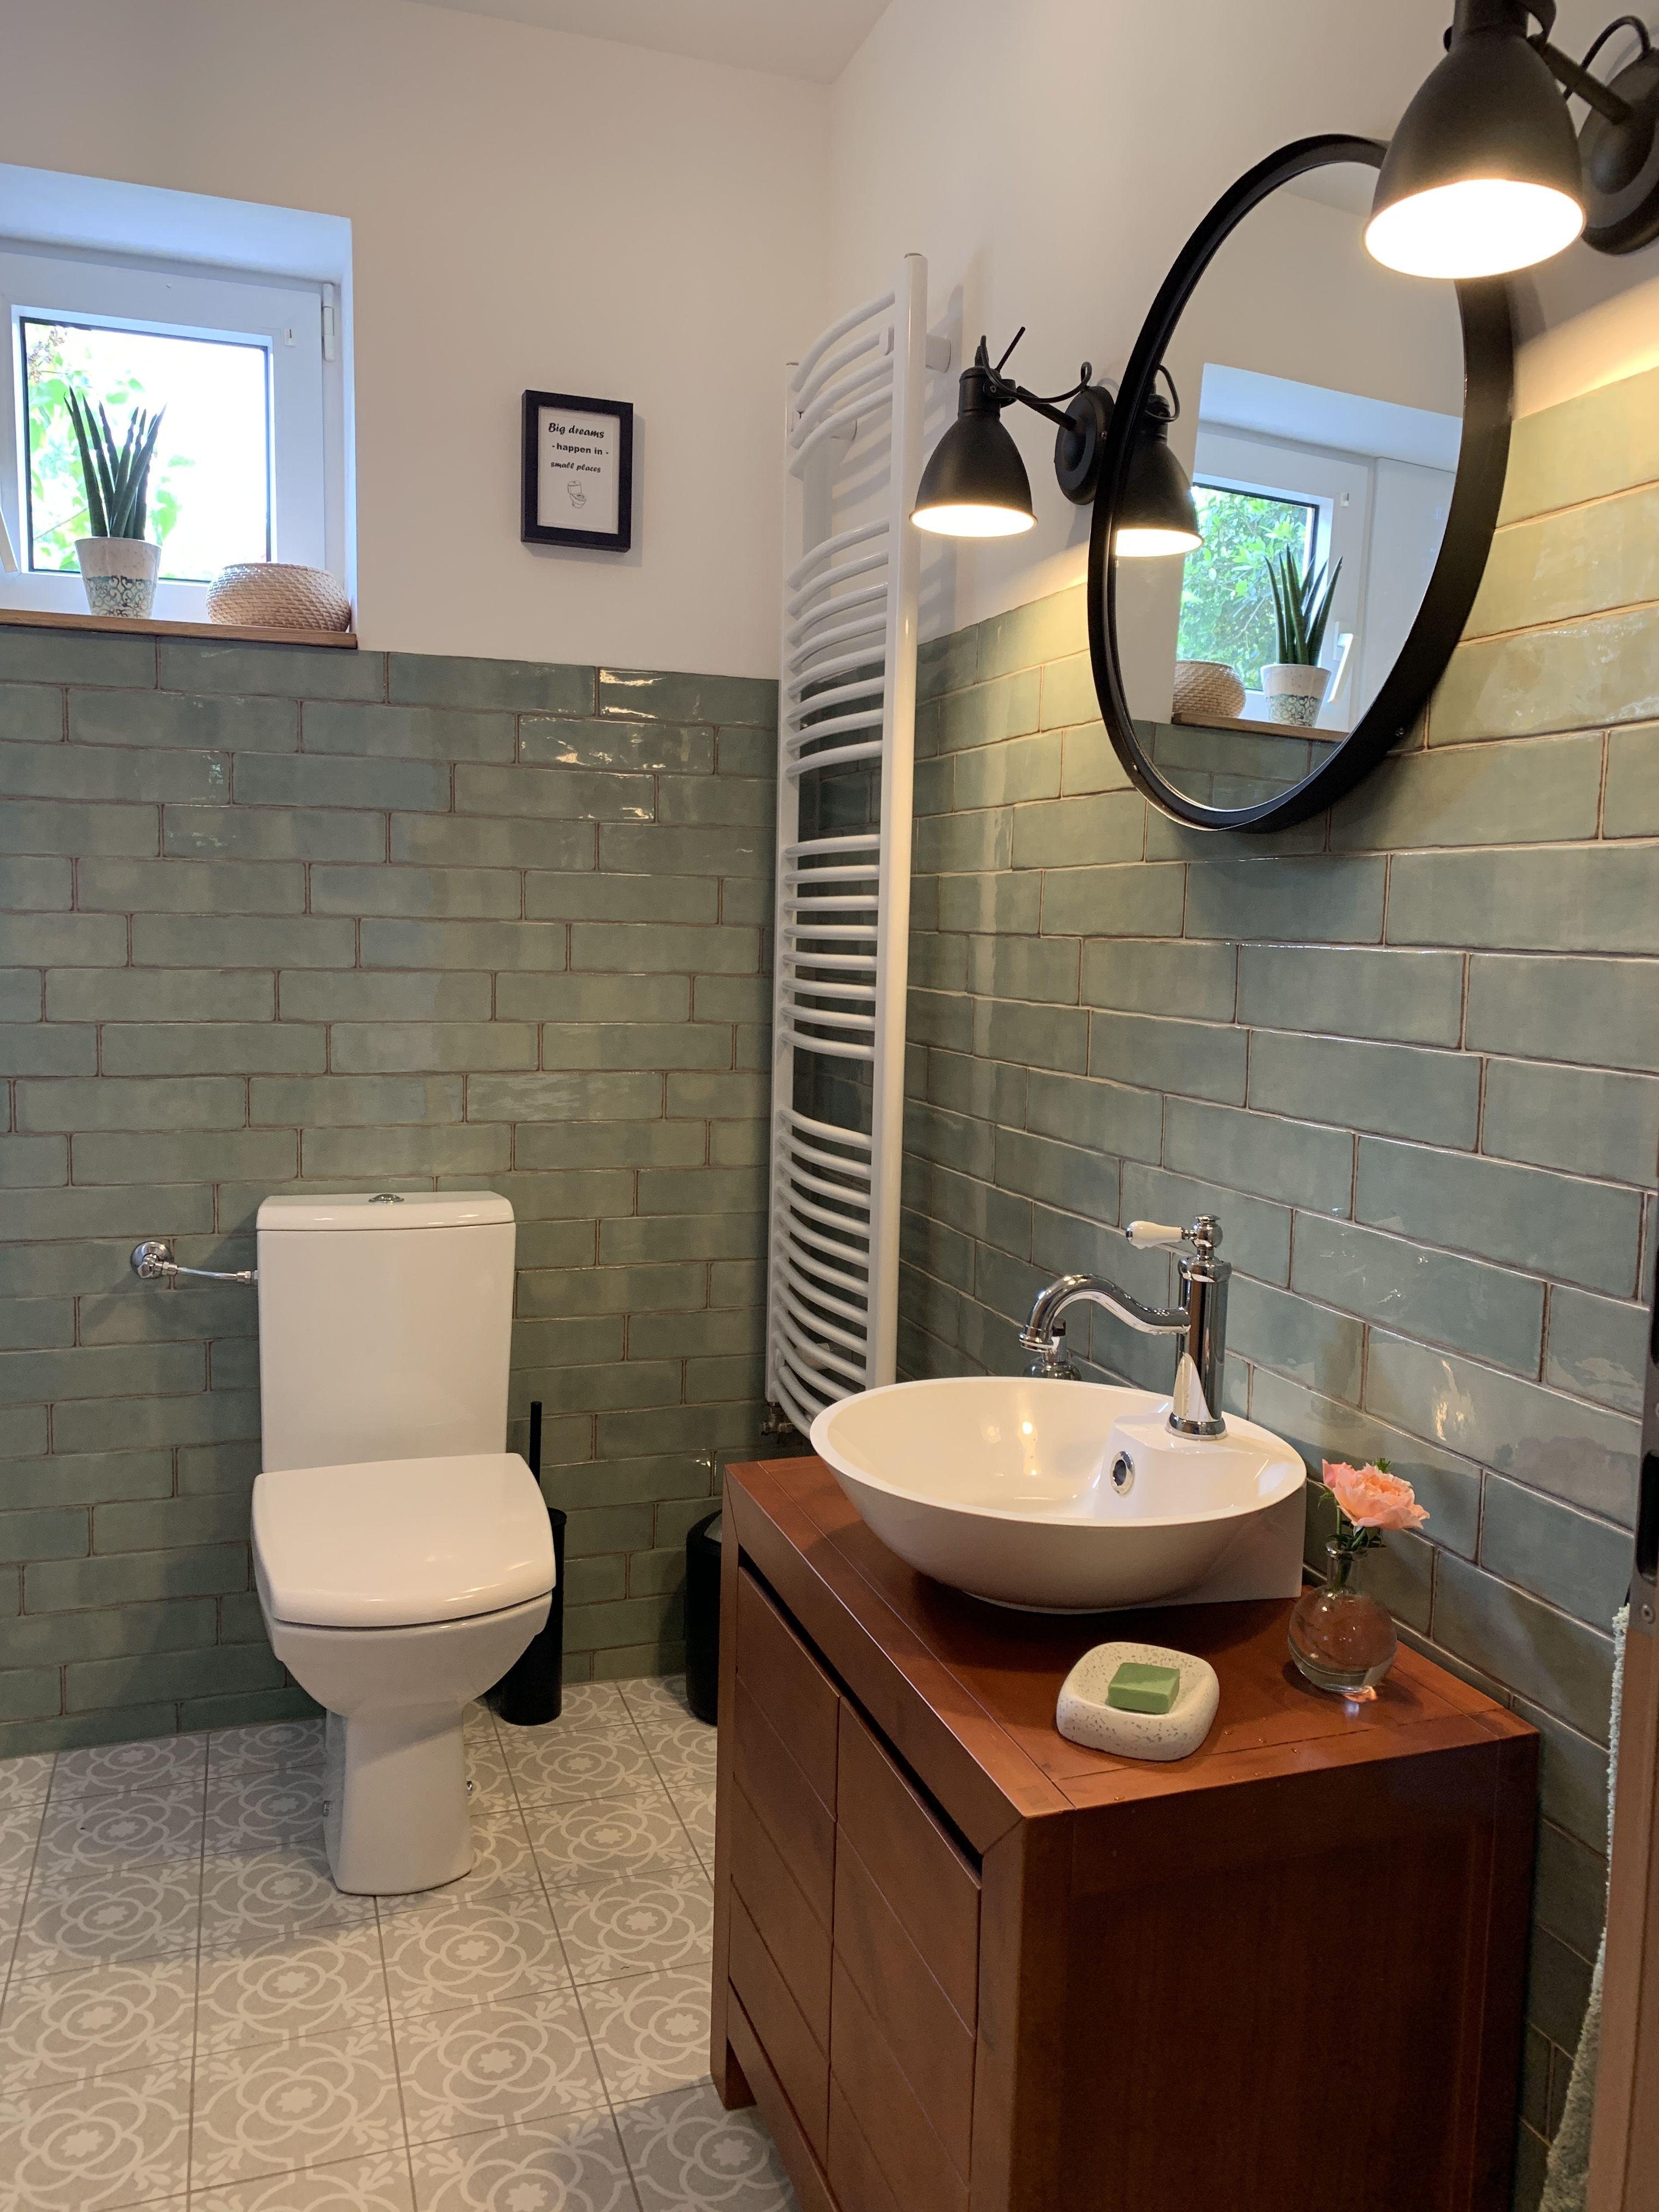 Bathroom goals   Gäste wc modern, Badezimmer, Armaturen bad